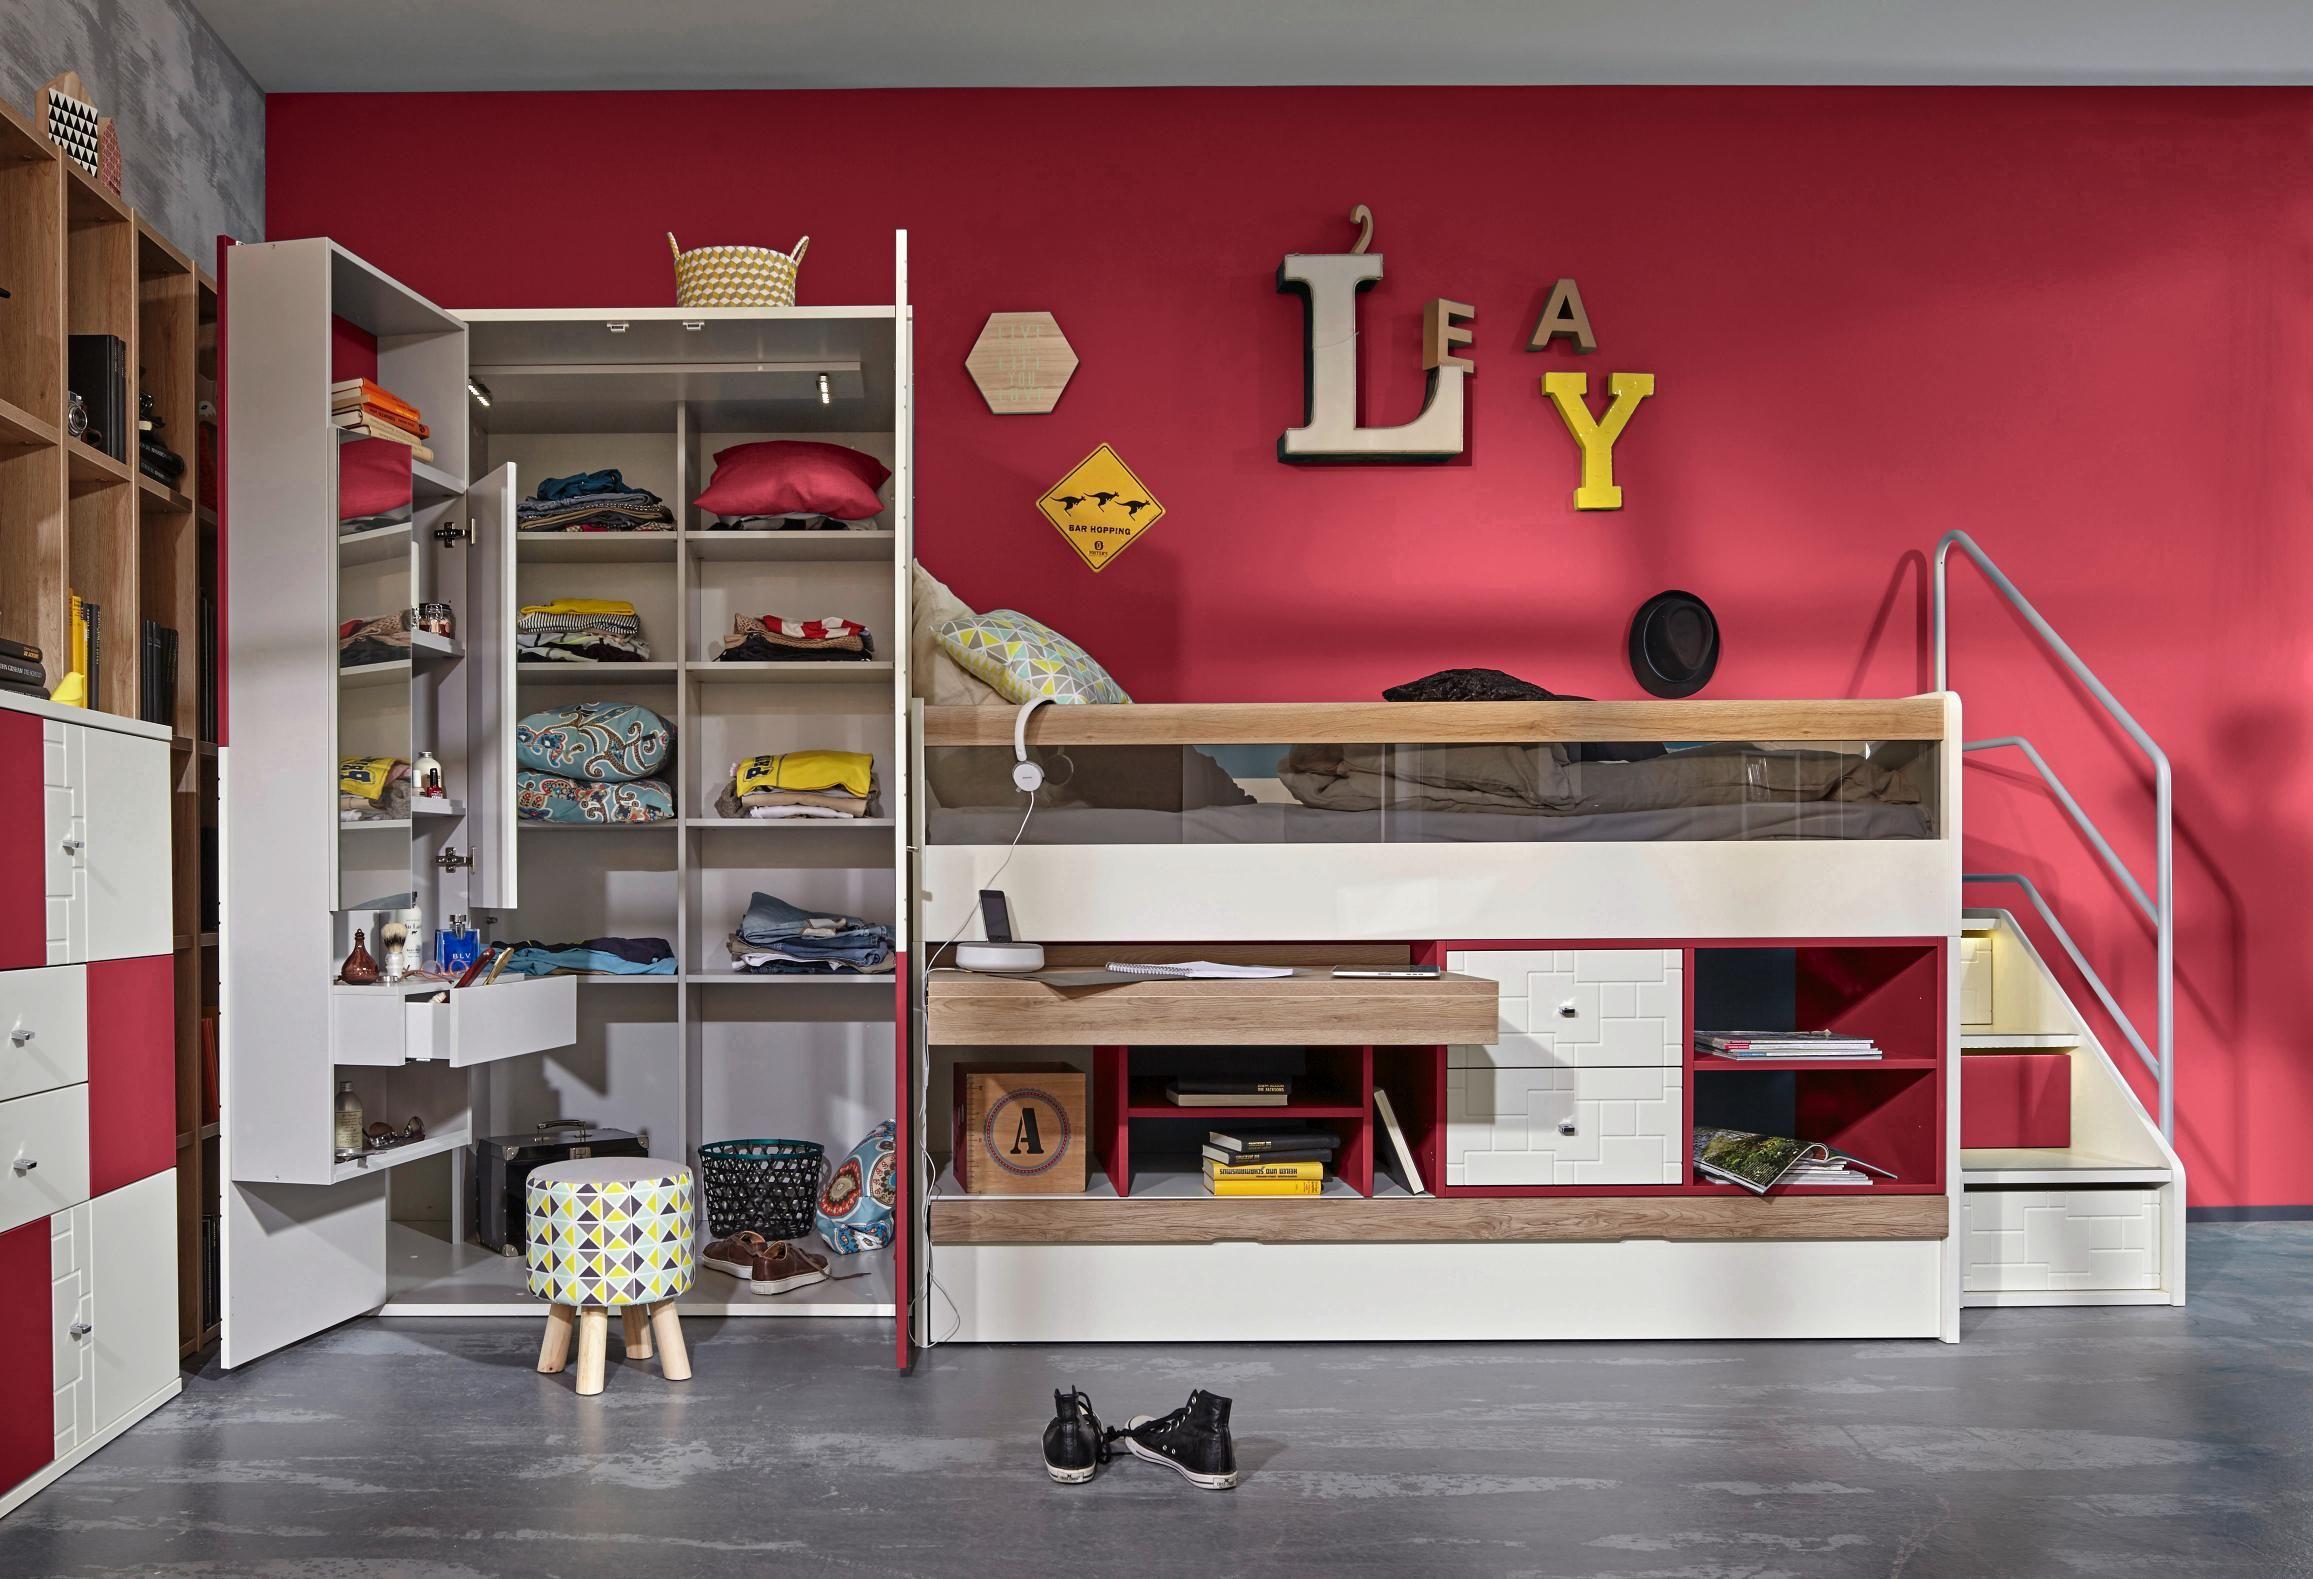 hochbett kinder und jugendzimmer pinterest hochbett bett und schlafzimmer. Black Bedroom Furniture Sets. Home Design Ideas